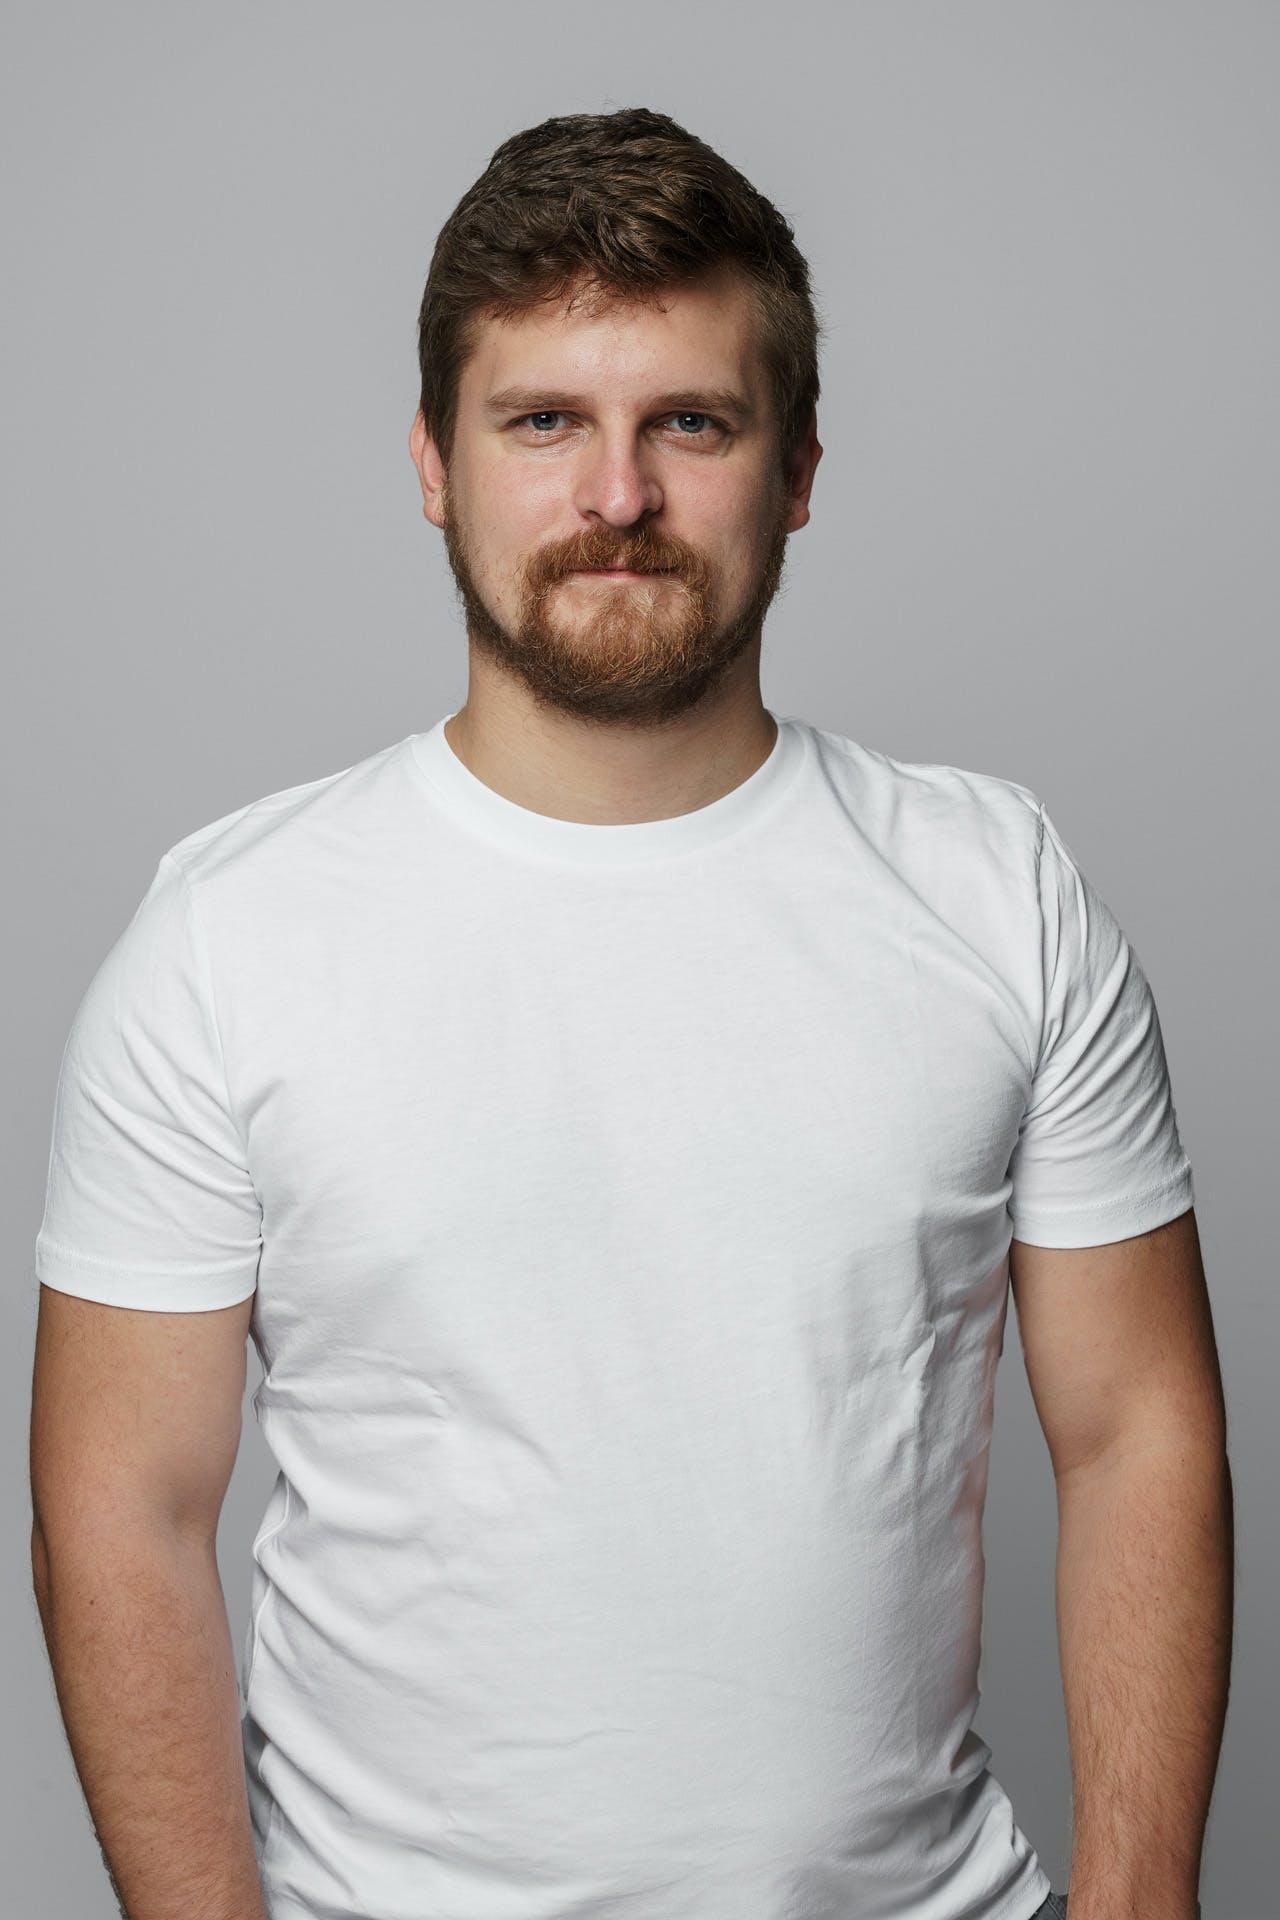 Filip Kirschner